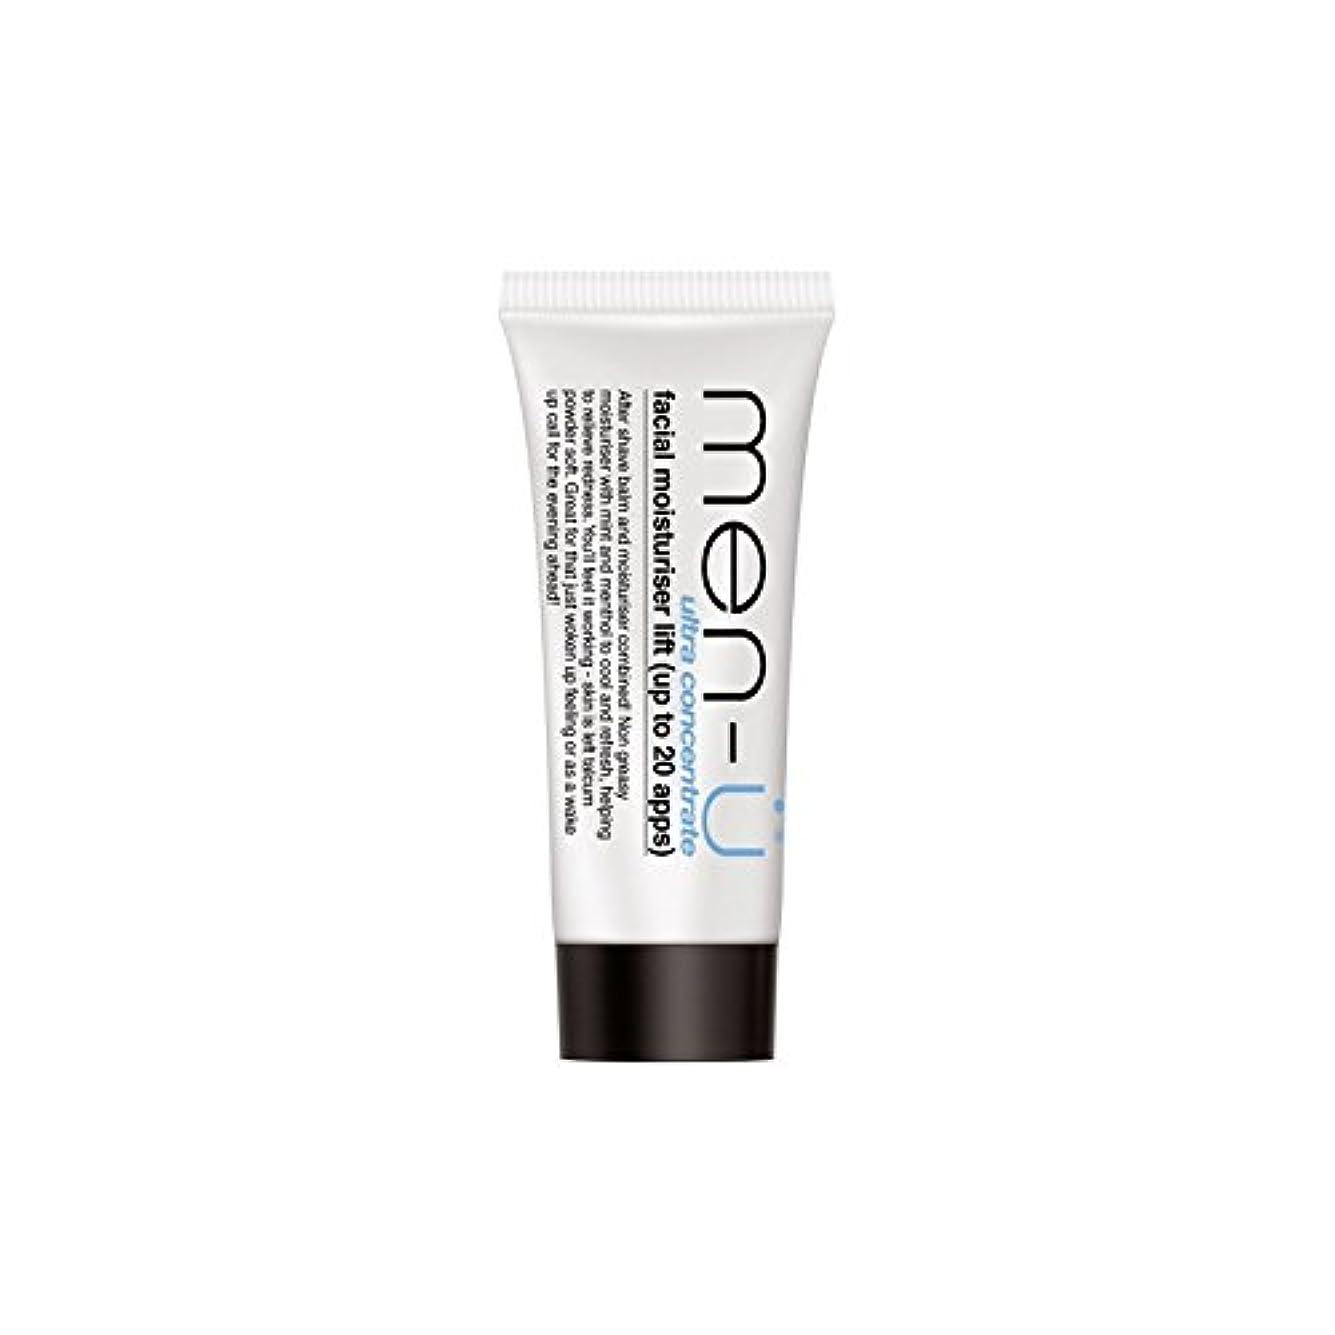 女優履歴書カスタム男性-のバディ顔の保湿剤のリフトチューブ(15ミリリットル) x4 - Men-? Buddy Facial Moisturiser Lift Tube (15ml) (Pack of 4) [並行輸入品]